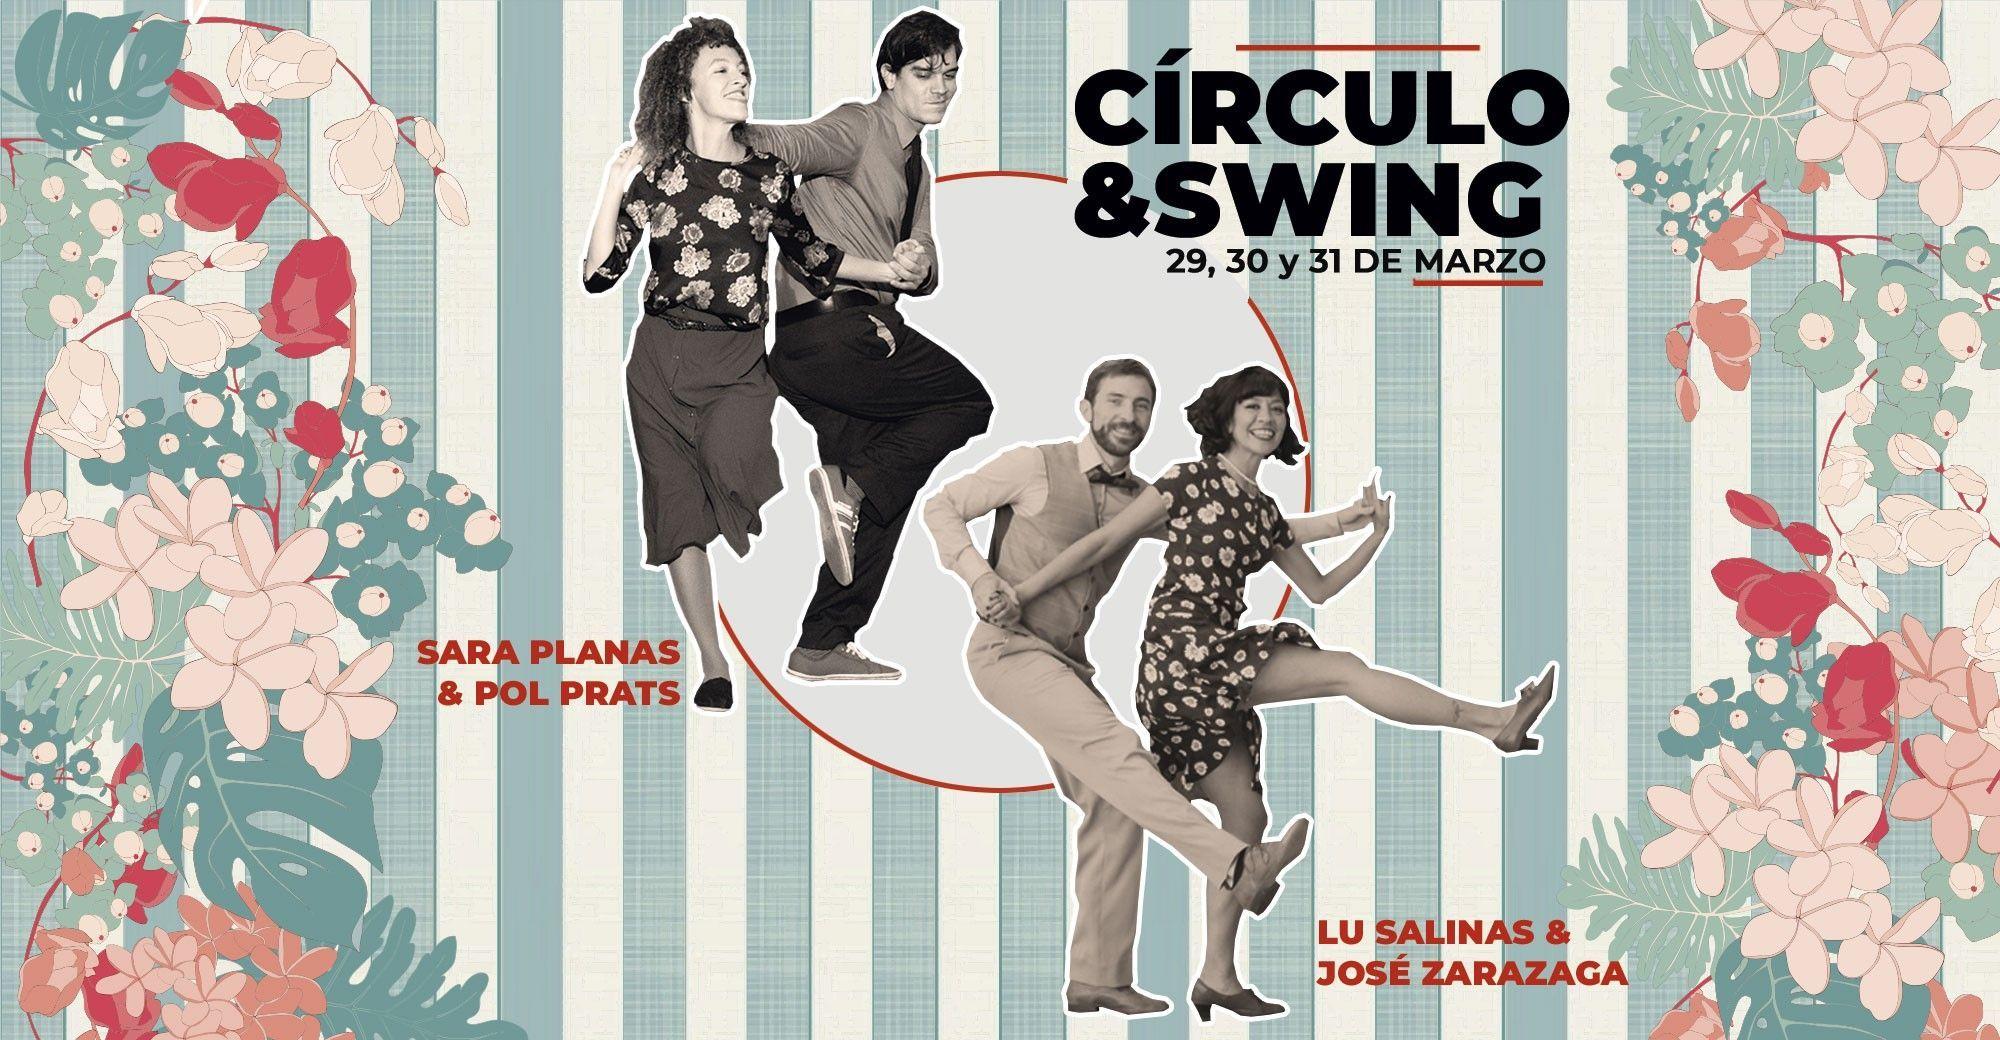 Círculo & Swing 2019. Un fin de semana de Swing, Lindy Hop y Collegiate Shag